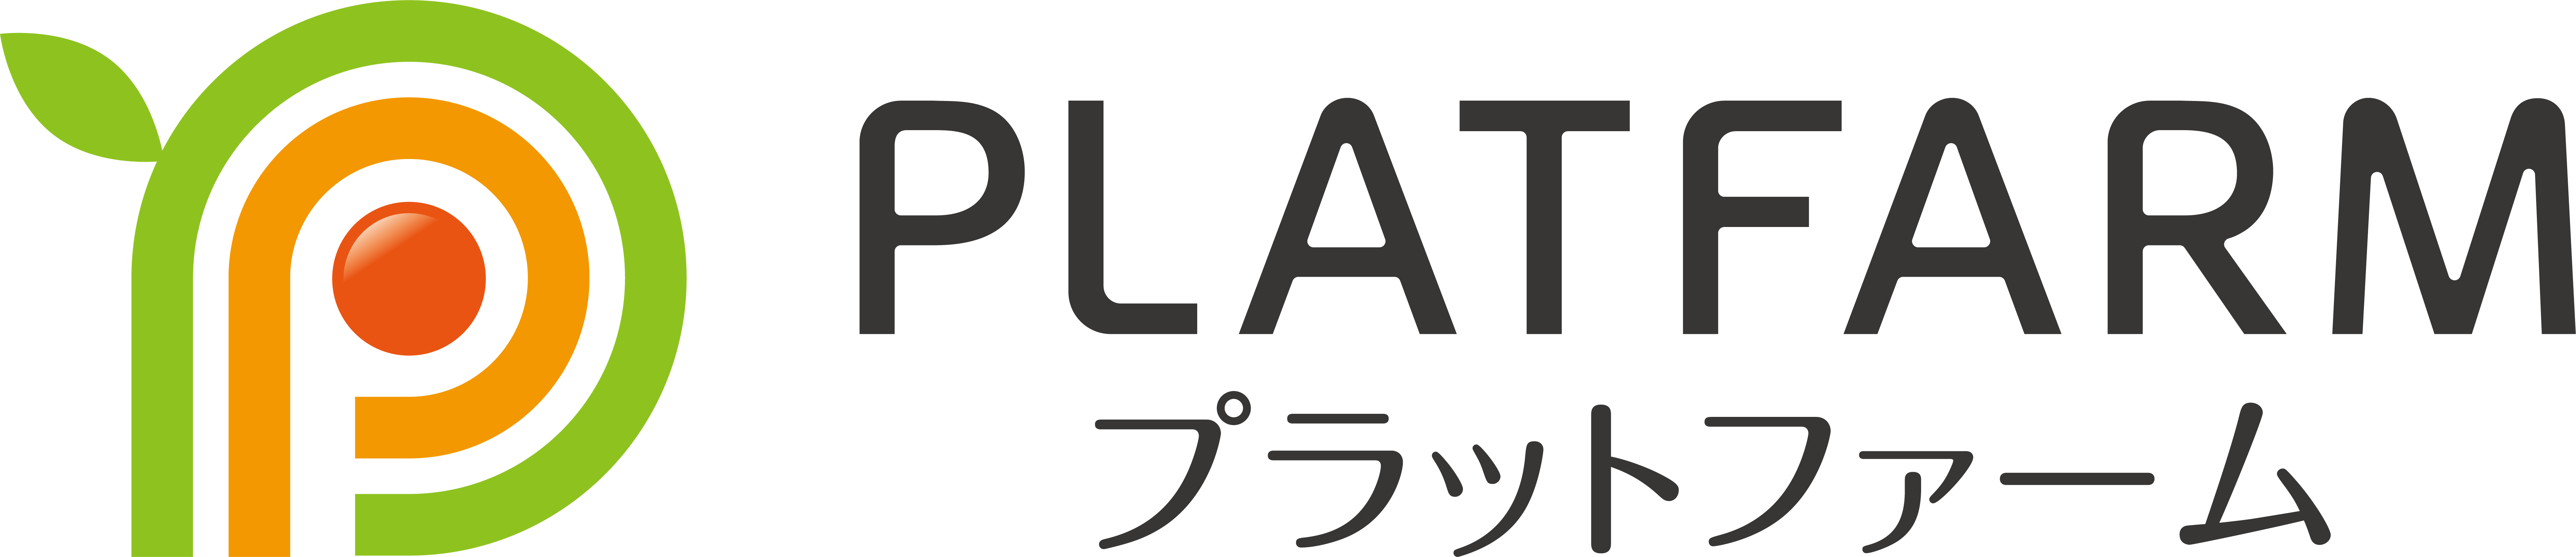 農業法人PLATFARM